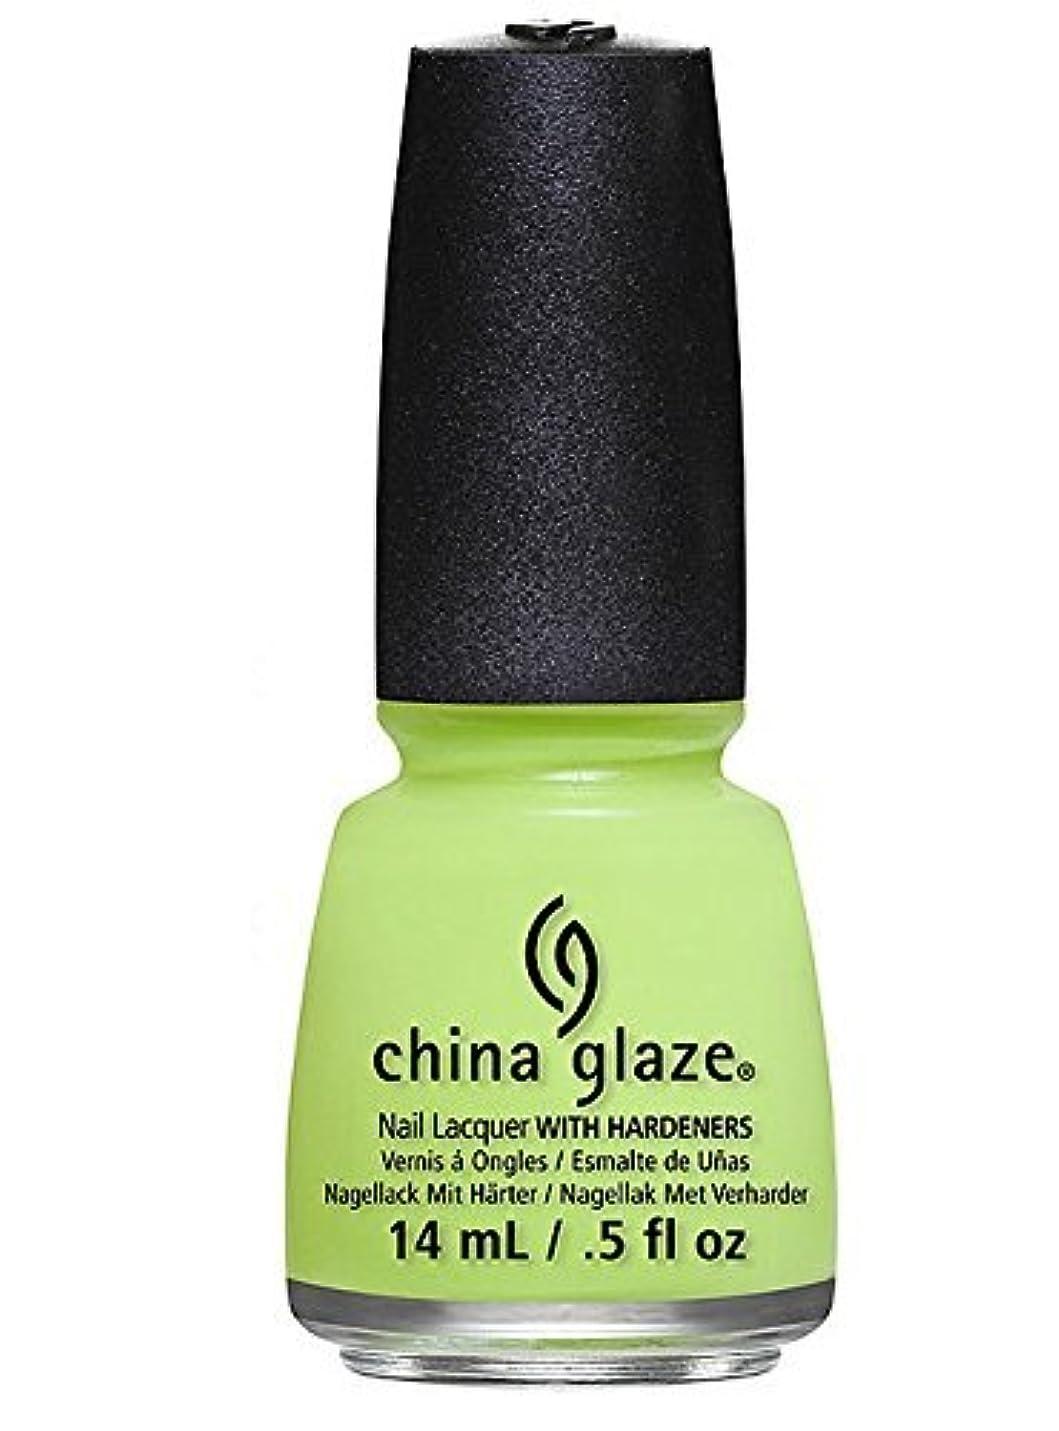 沼地ピストル物質China Glaze Avant Garden Collection, Grass is Lime Greener by China Glaze [並行輸入品]